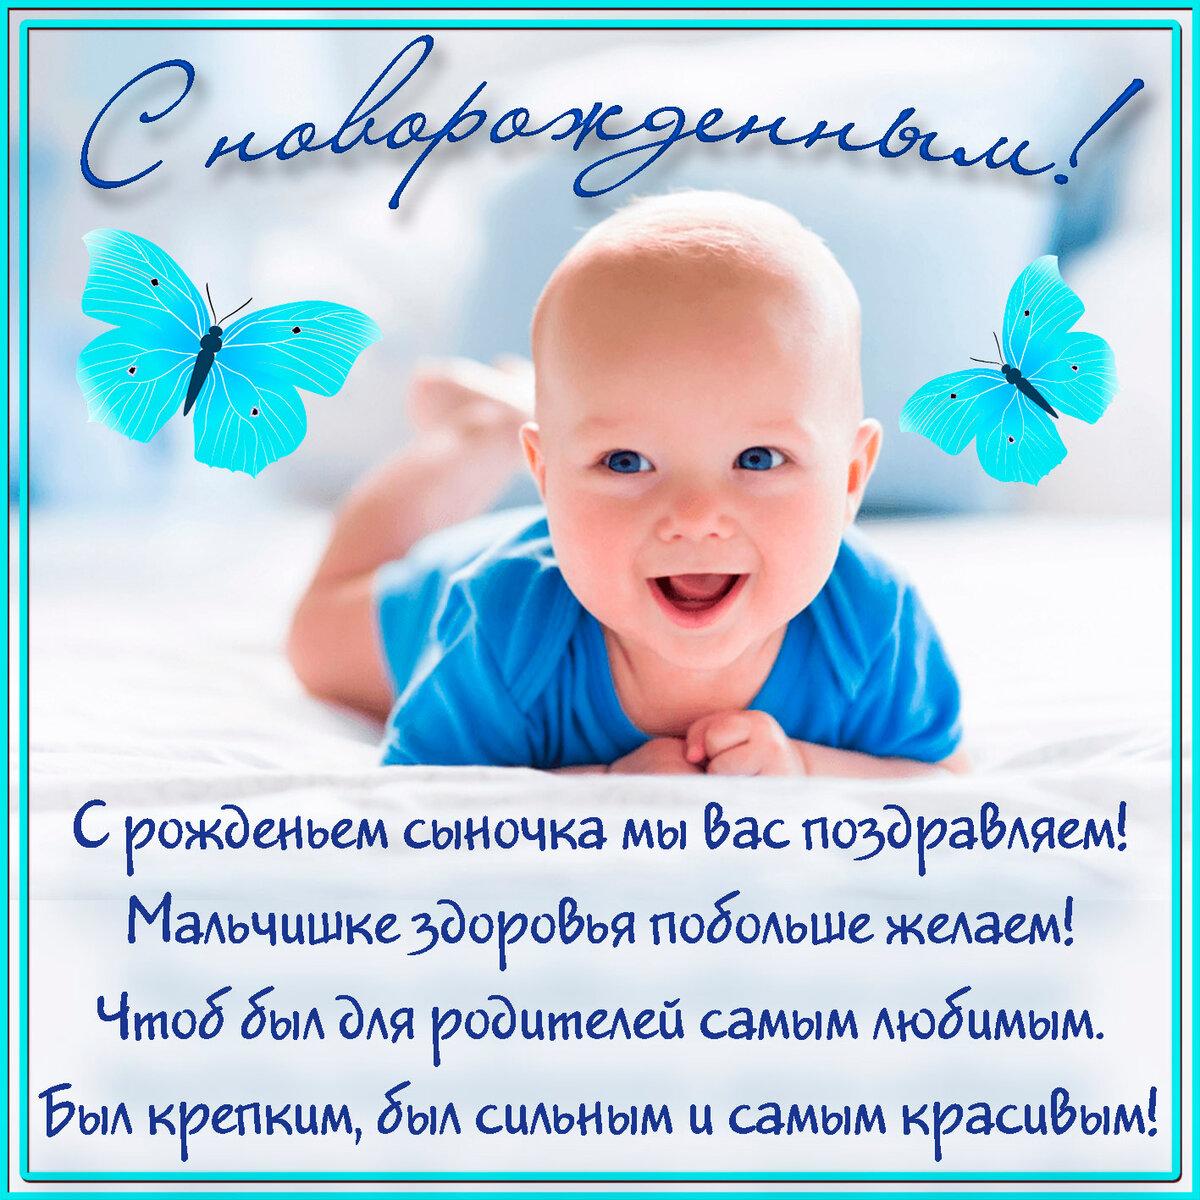 Поздравления с рождением сына картинки в прозе, прикольные картинки